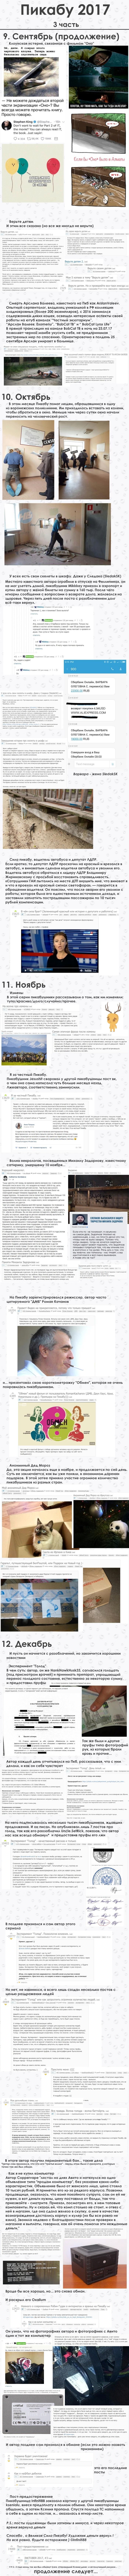 Итоги 2017 (3 часть) Пикабу, Итоги, 2017, Длиннопост, Мемы, События